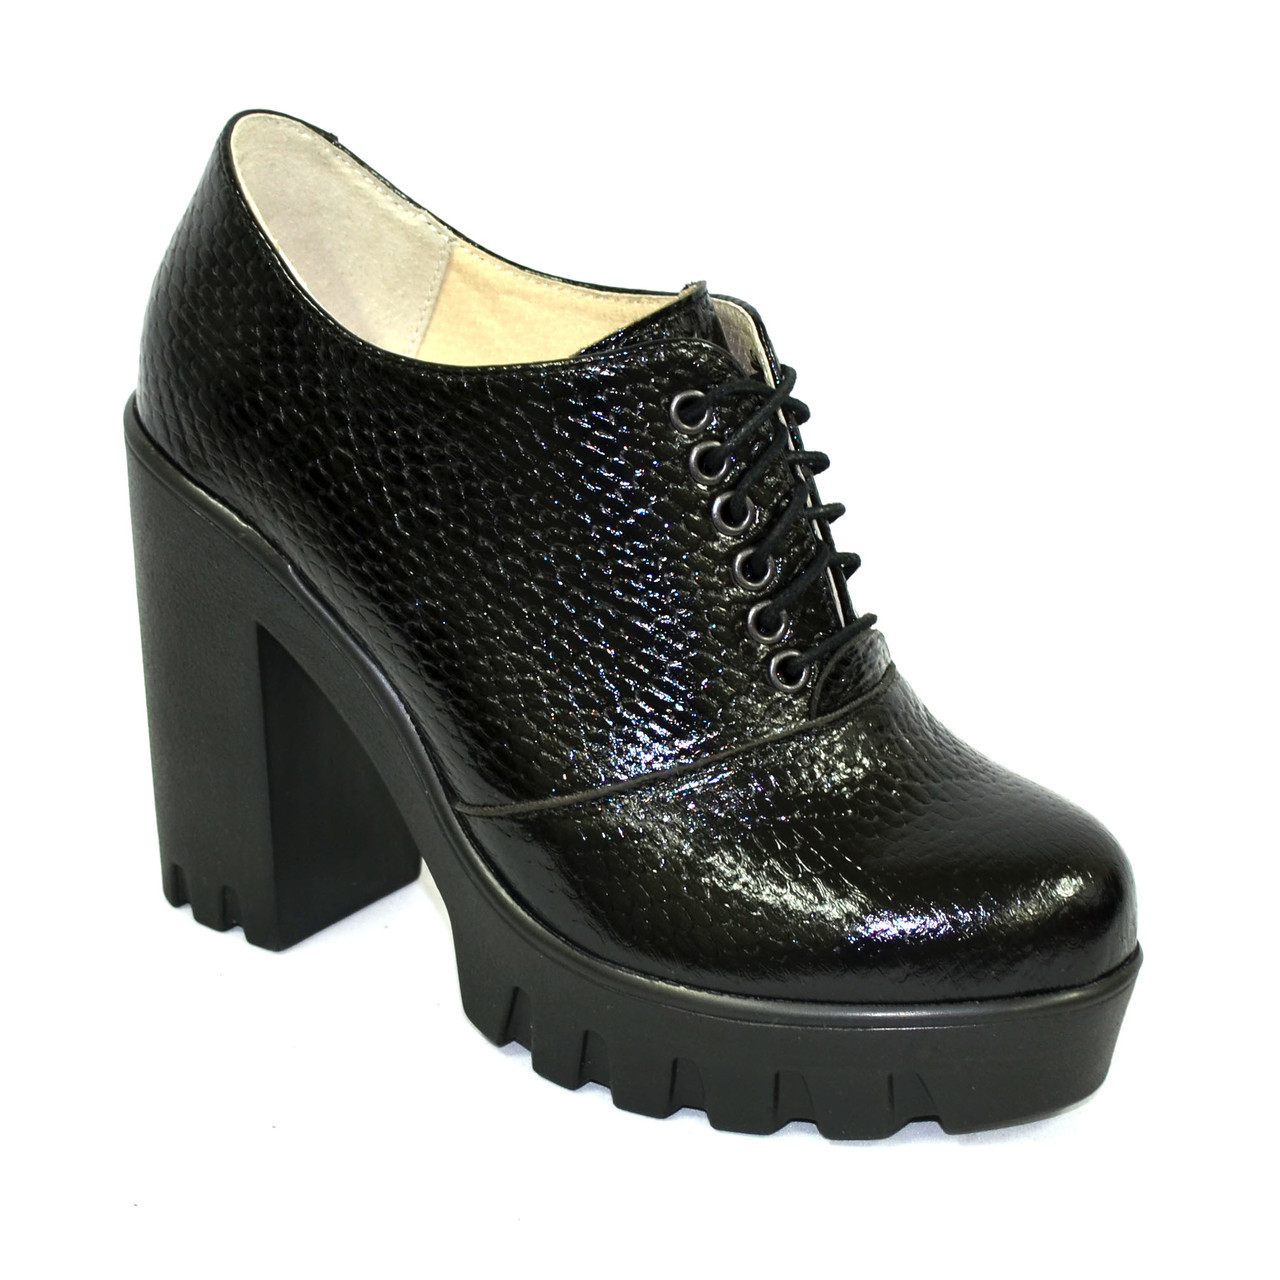 """Женски туфли на тракторной подошве, на шнуровке. Натуральная кожа """"питон"""""""